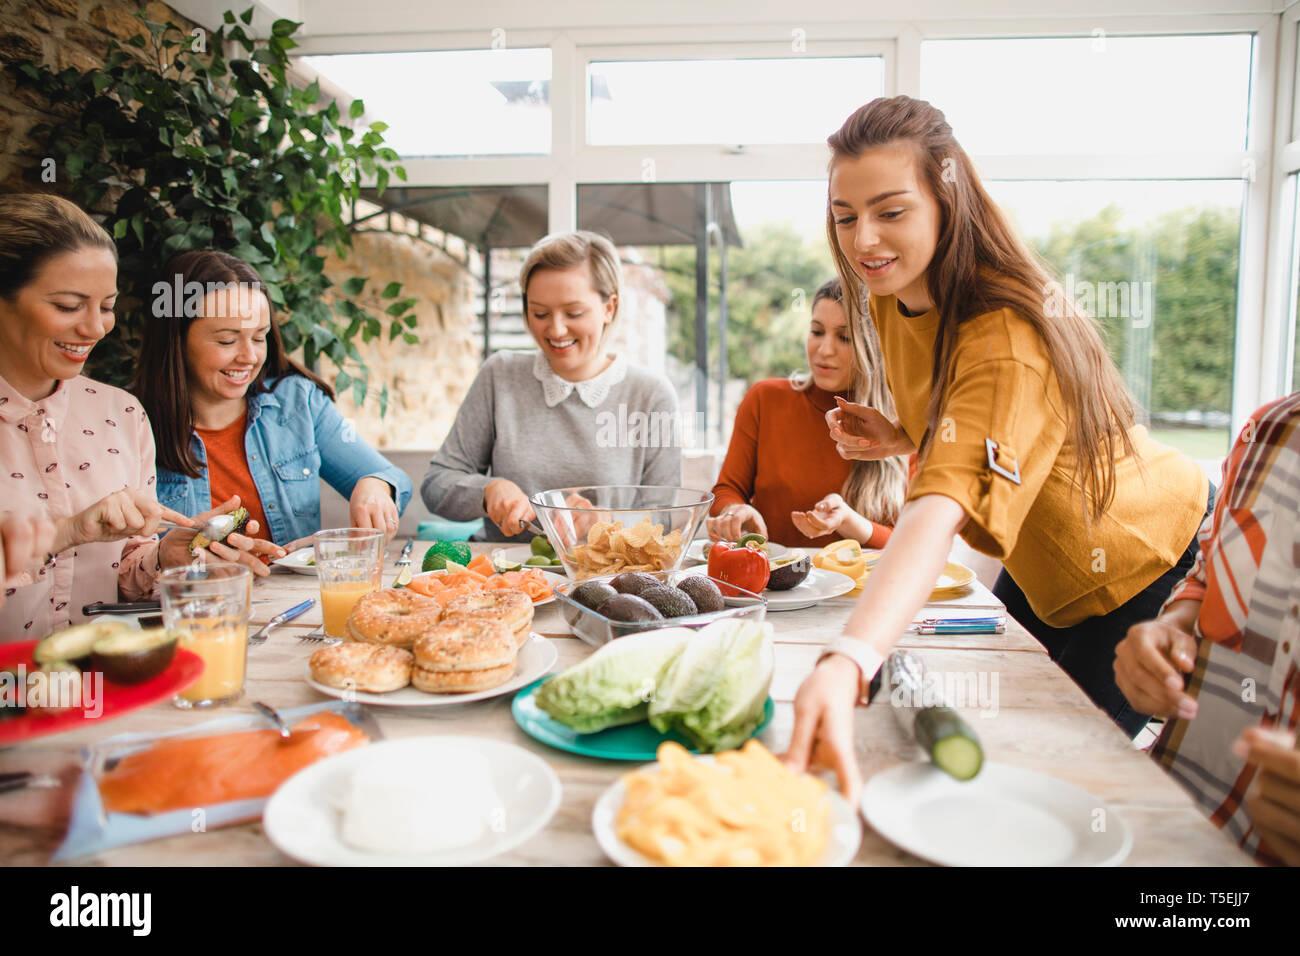 Un pequeño grupo de amigas preparan un almuerzo saludable dentro de un invernadero en una escapada de fin de semana. Foto de stock